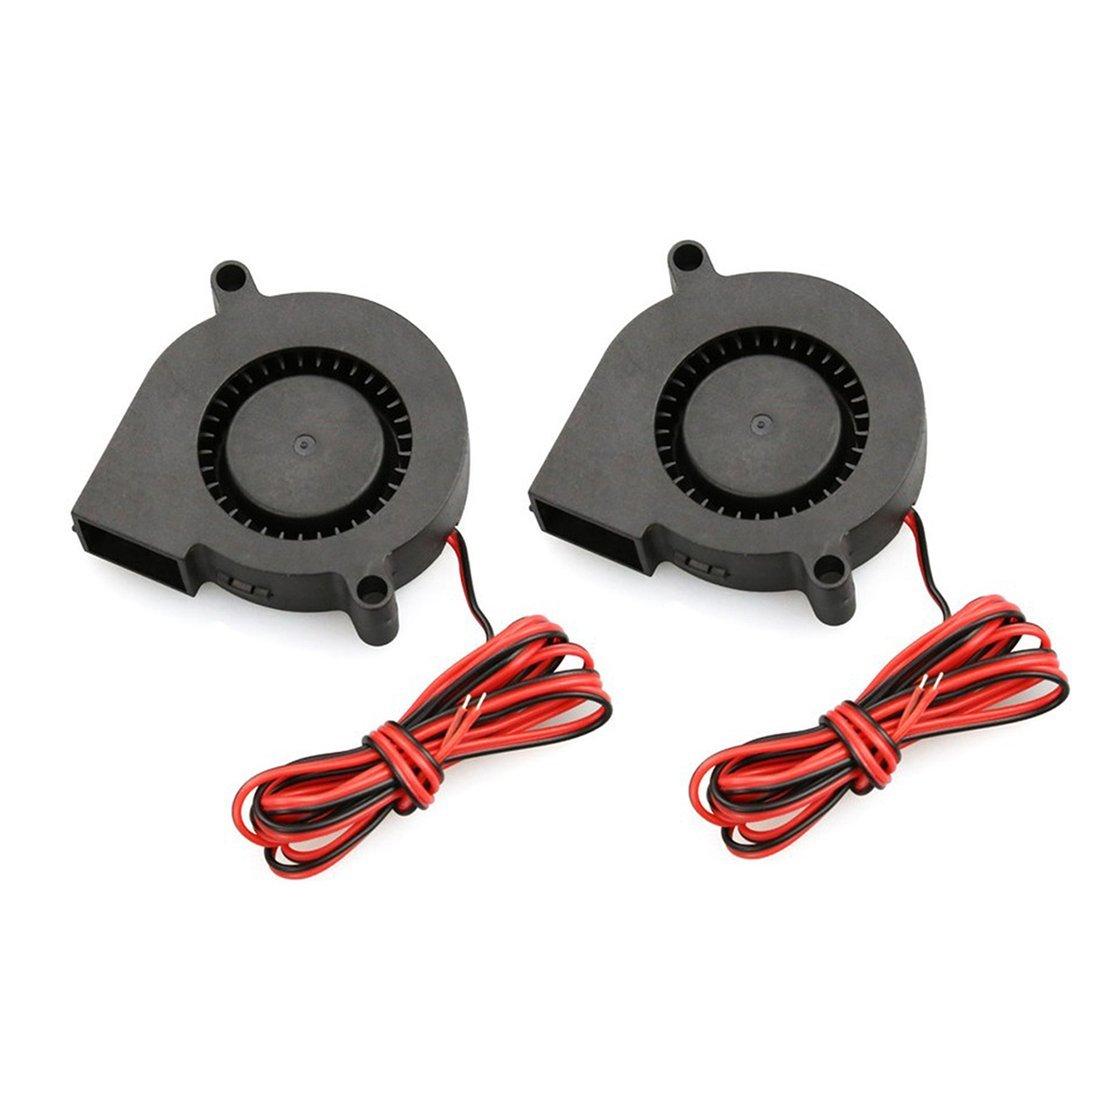 Gwendoll 2 PCS Mini Ventilateur 50mmx50mmx15mm Ventilateur de Refroidissement Partie 5015 Ventilateur Radial Turbo Ventilateur 12V Ventilateur de Refroidissement pour imprimante 3D